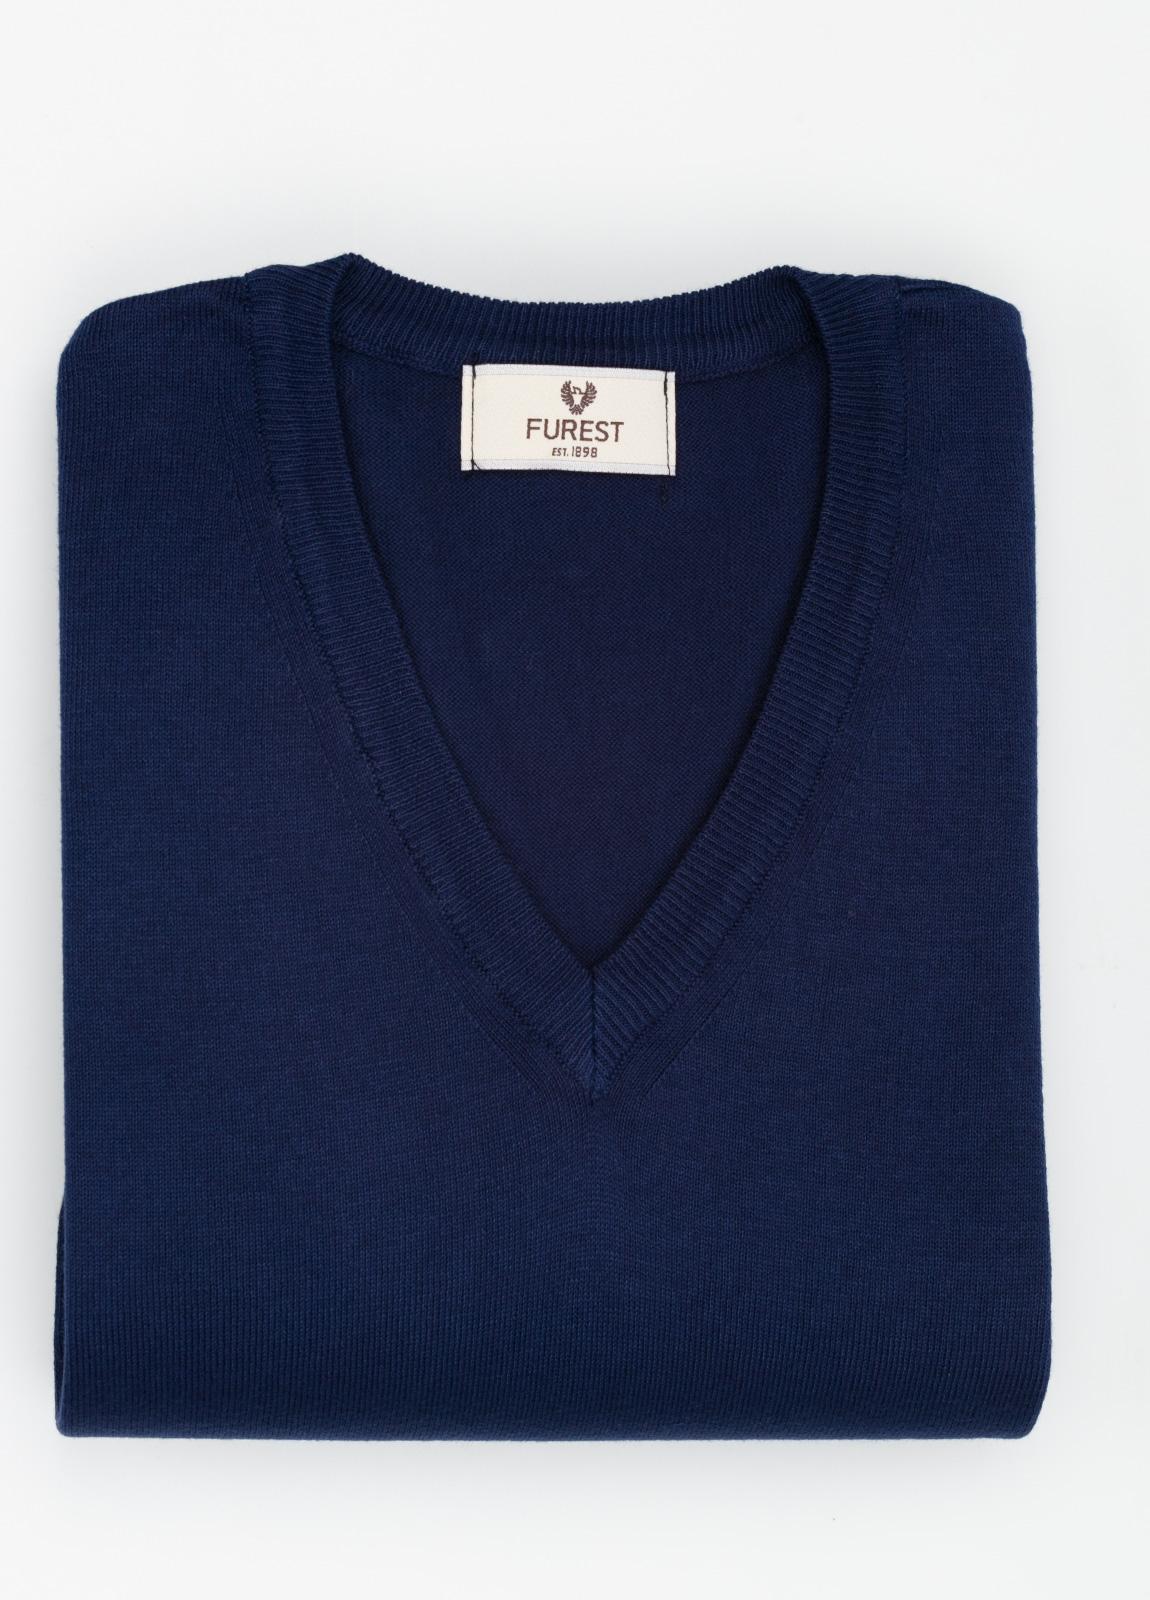 Jersey cuello pico color azul marino, 100% Algodón.